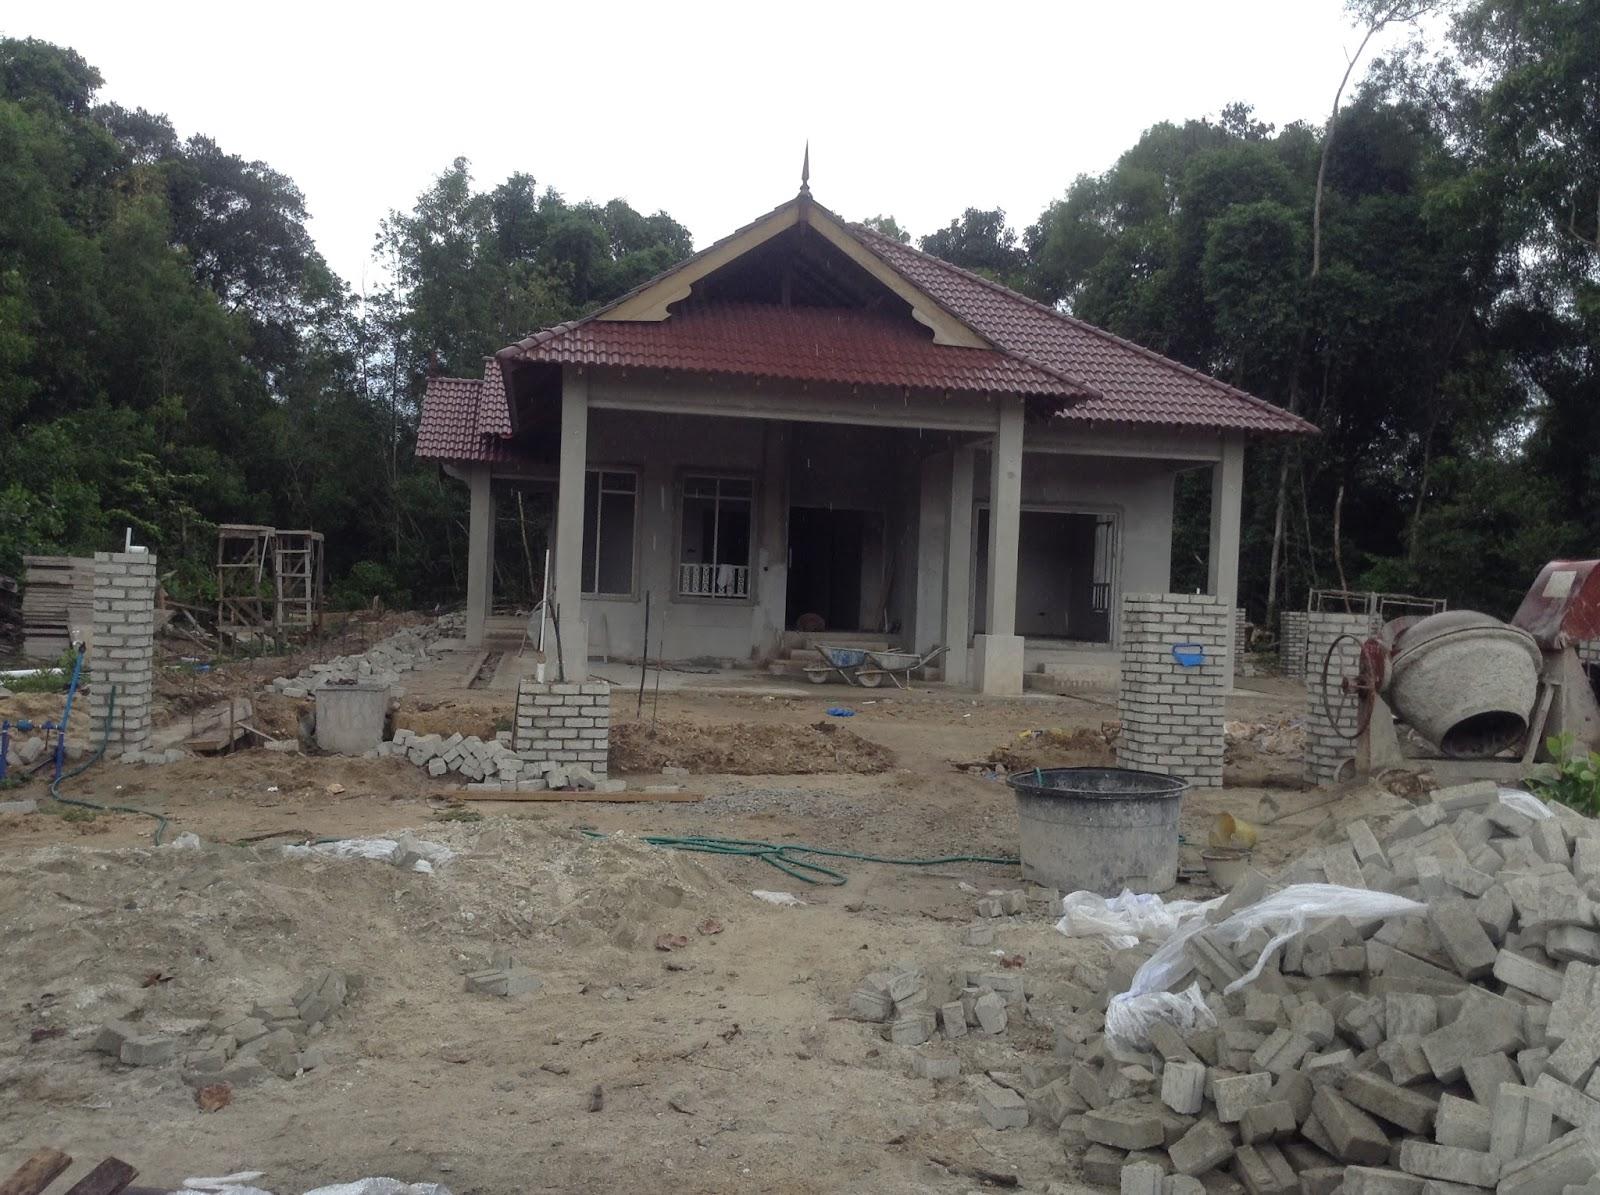 Siling Kapur Terbaru | Ask Home Design